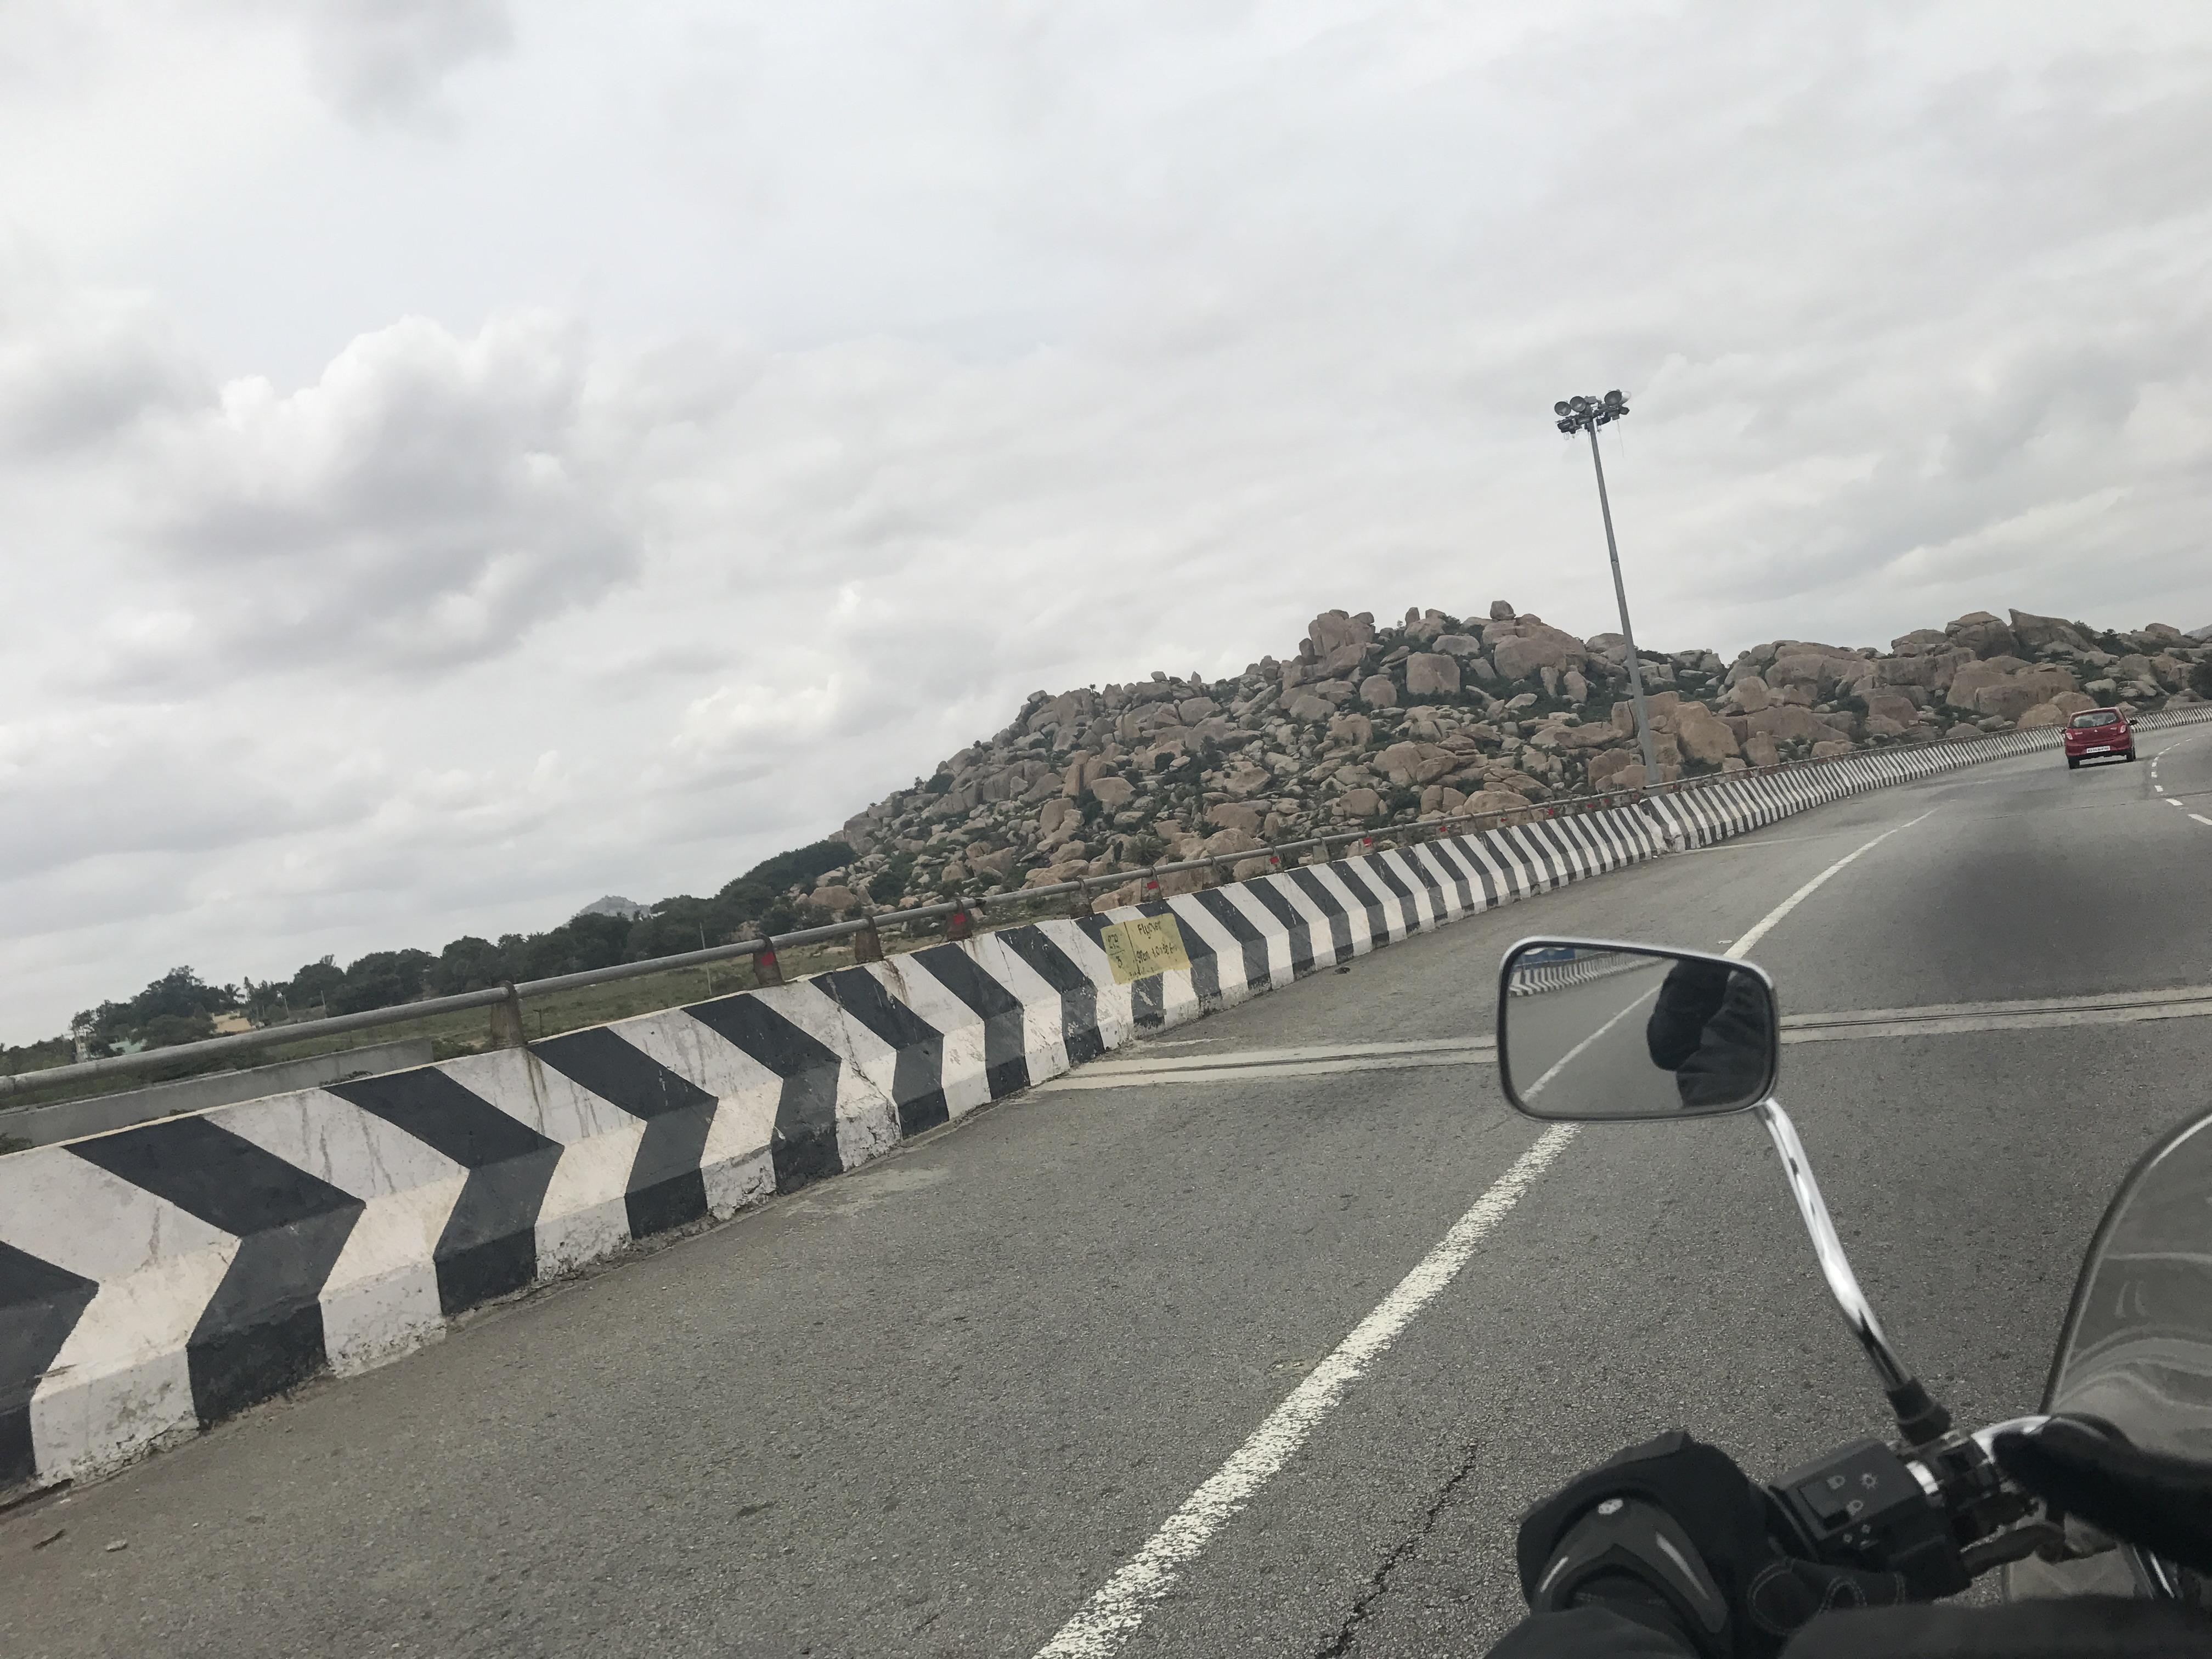 Ride image by harshit bairwa